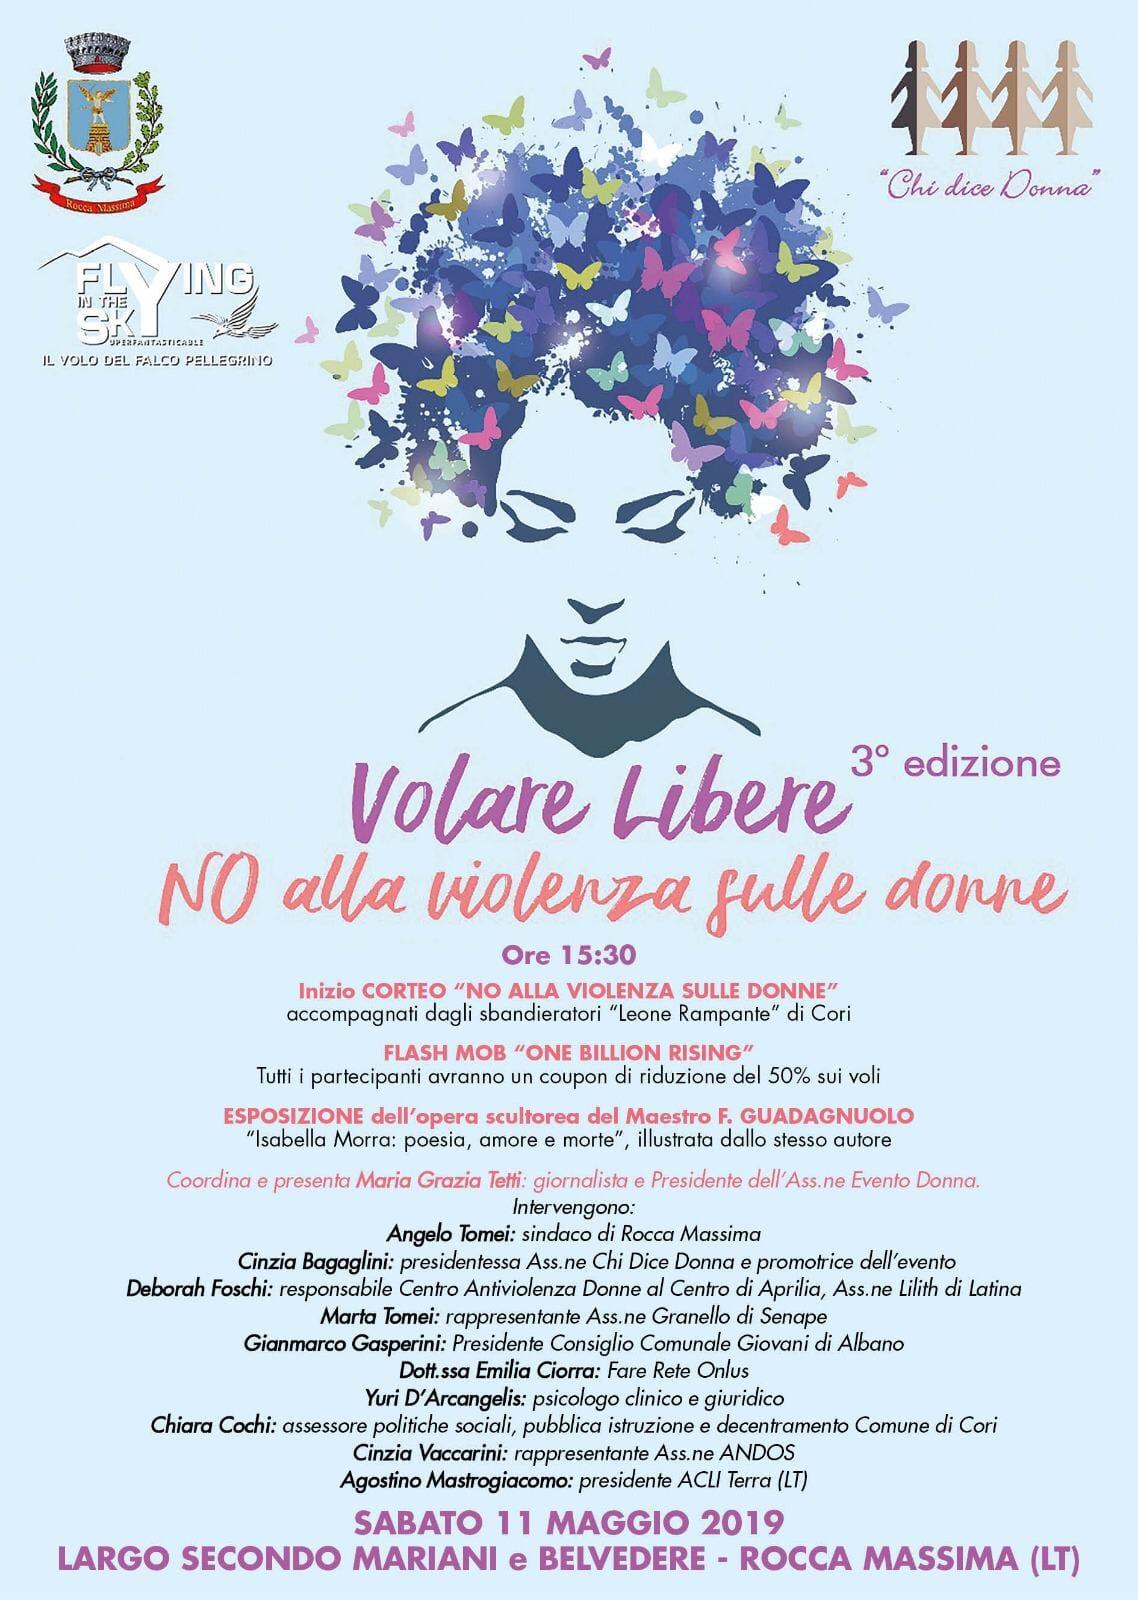 Rocca Massima: Volare libere @ Largo Secondo Mariani e belvedere | Rocca Massima | Lazio | Italia